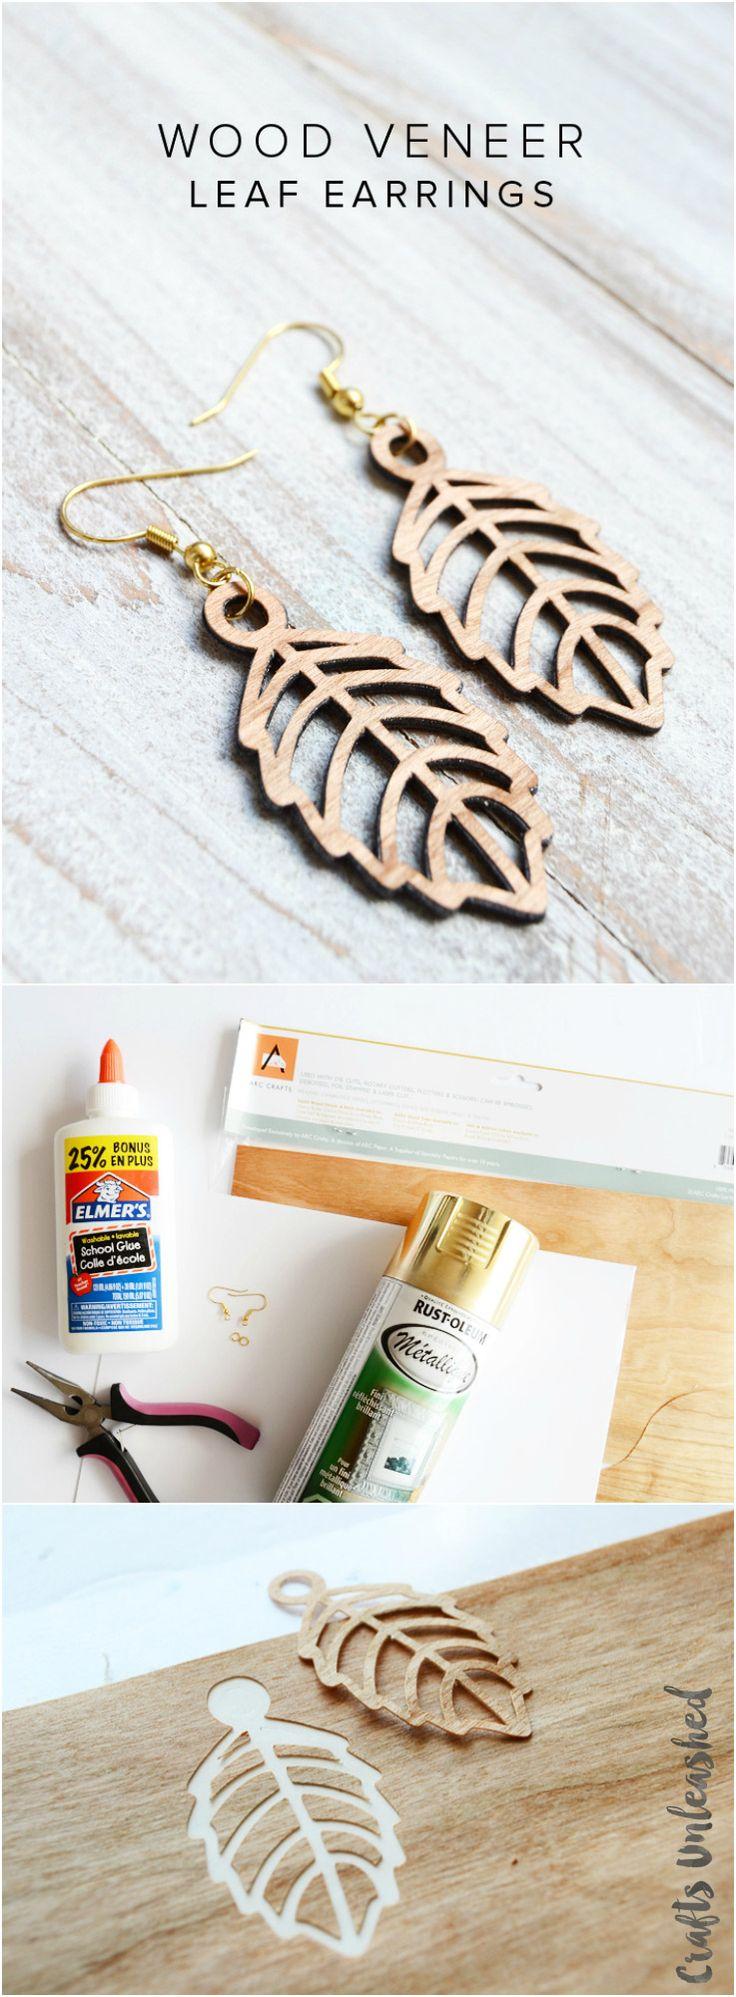 Wood Veneer DIY Leaf Earrings